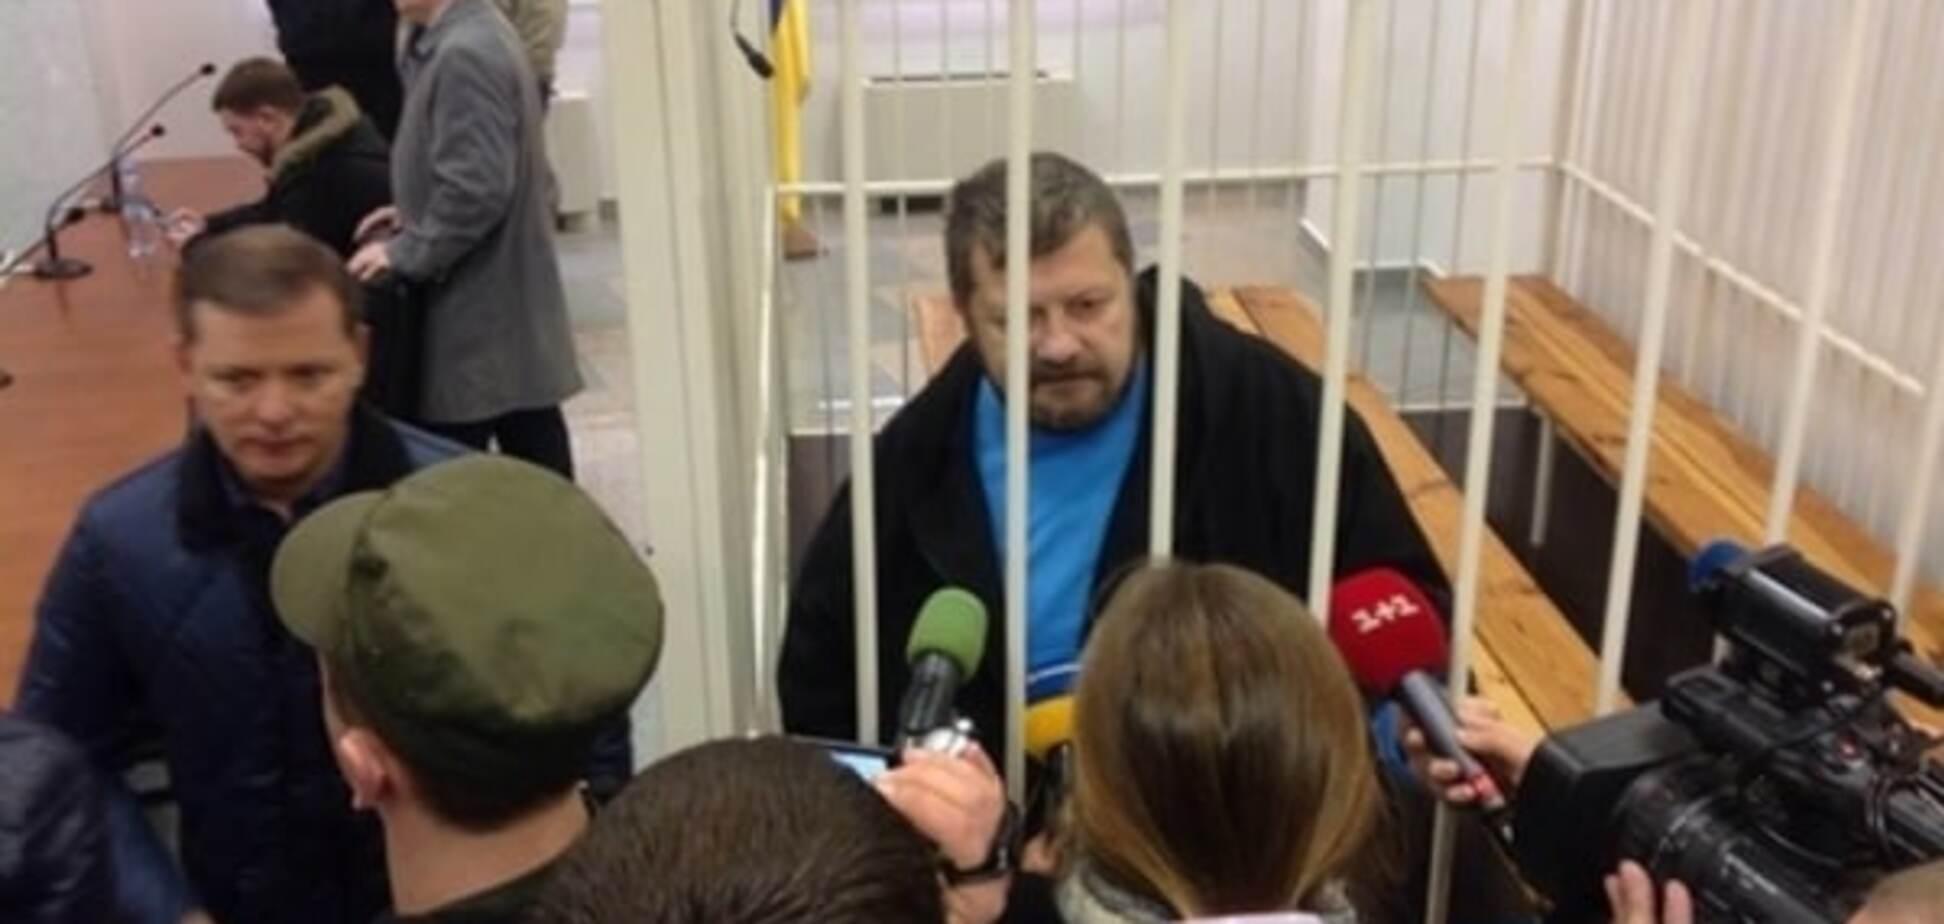 Мосійчук визнав свою провину в отриманні хабара - слідчий